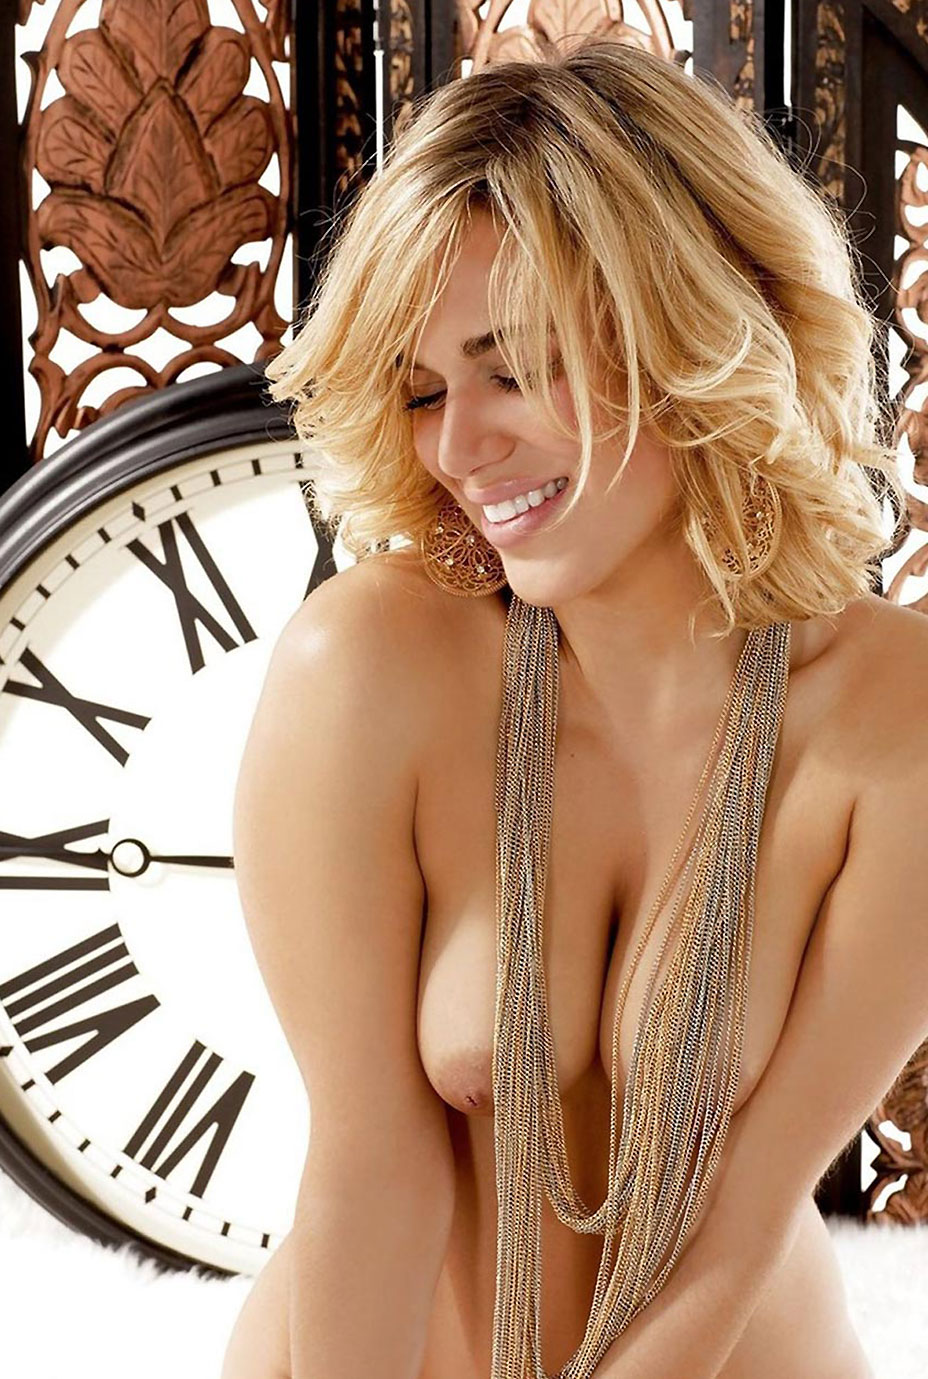 Laila Nude Wwe